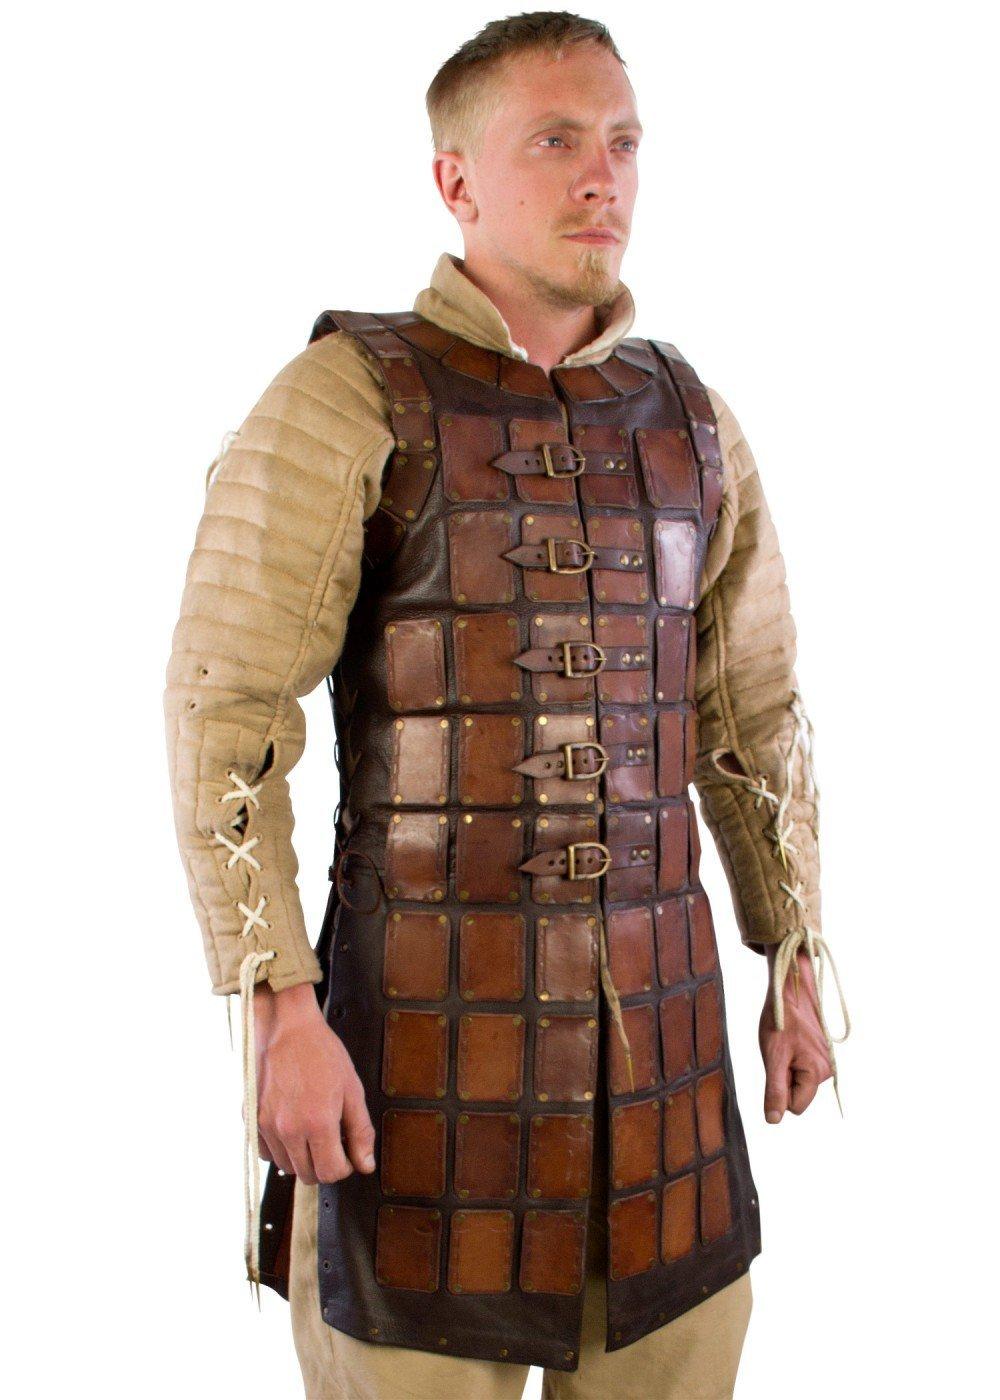 Mittelalterliche Brigantine aus Leder LARP Lederrüstung mit Lederplatten Schwarz oder Braun Gr. S/M oder L/XL Schaukampf Wikinger